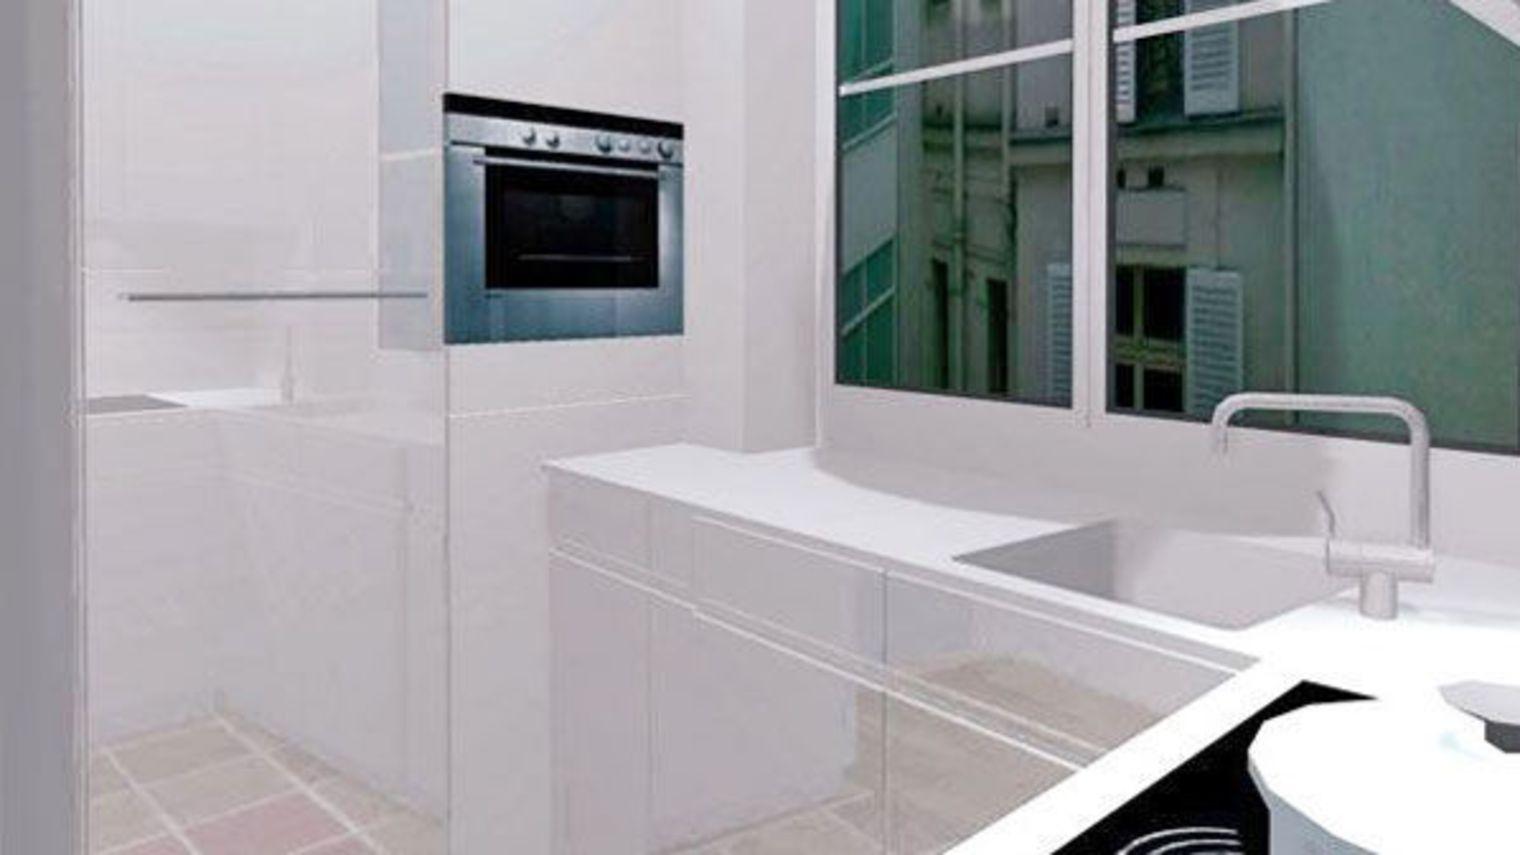 Cuisine 4m2 ouverte top cuisine for Salle de bain 4m2 rectangulaire